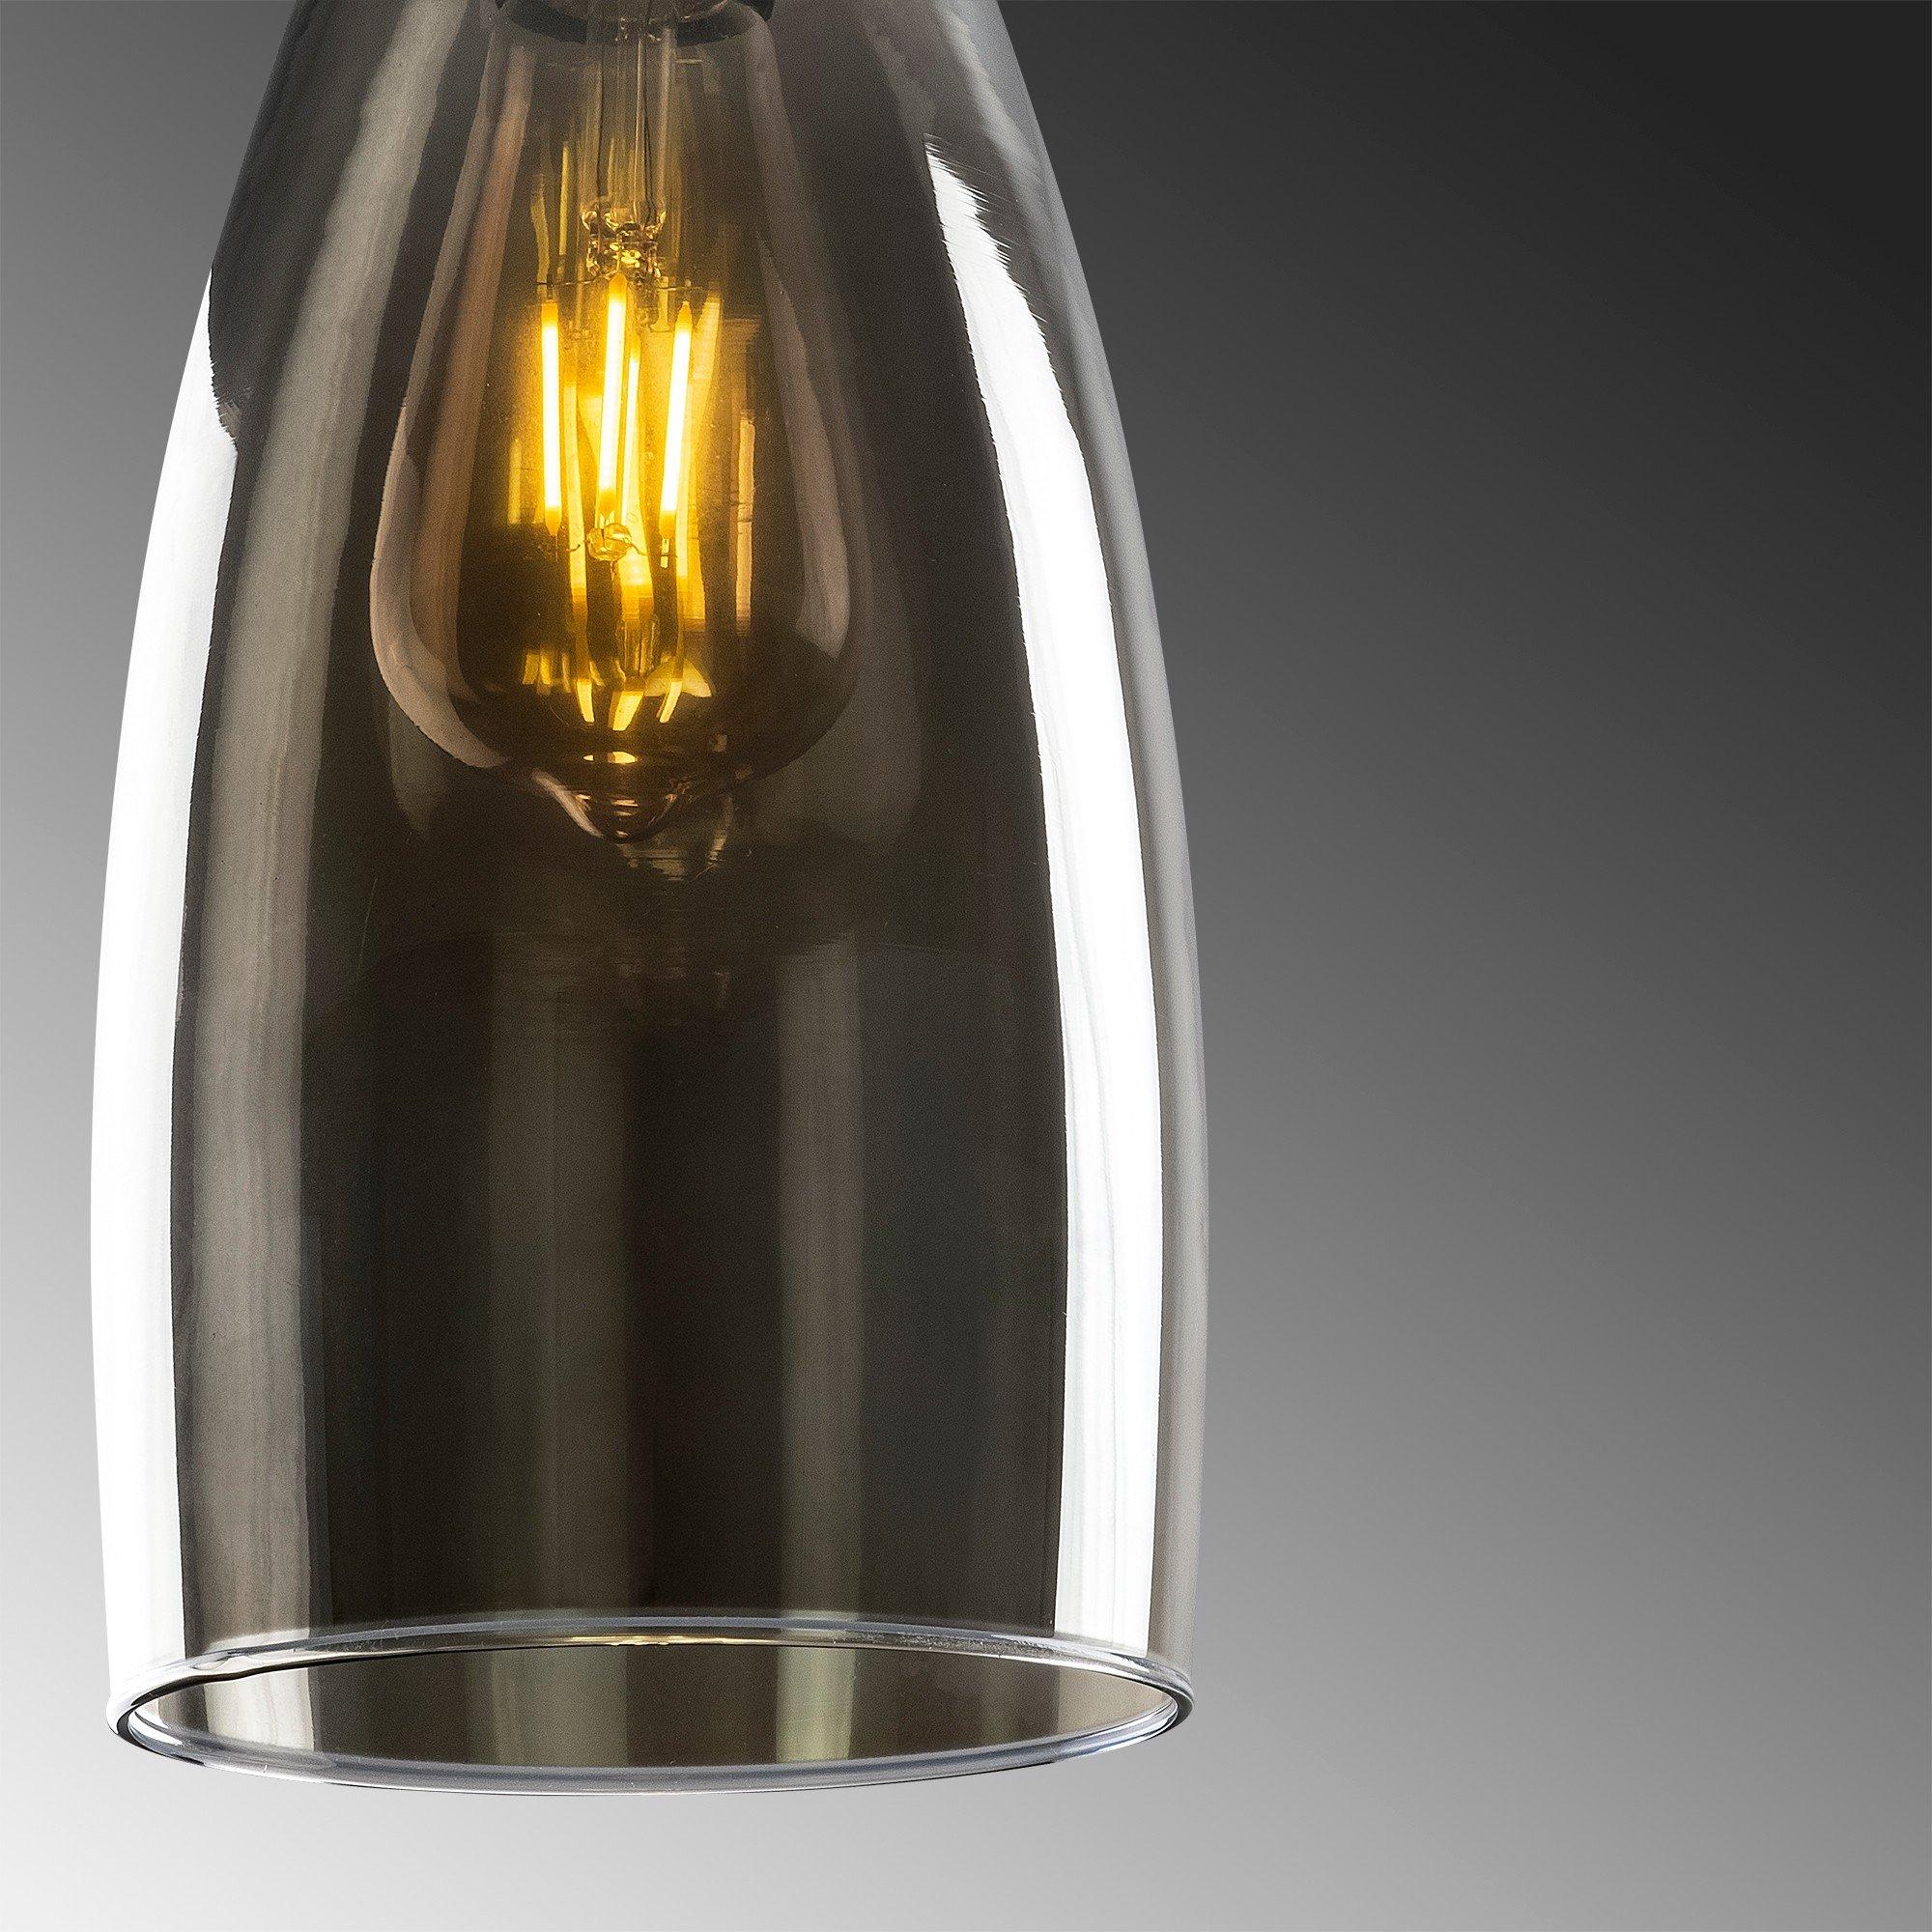 Hanglamp smoked glass donker langwerpig 5 keer een E27 fitting - closeup